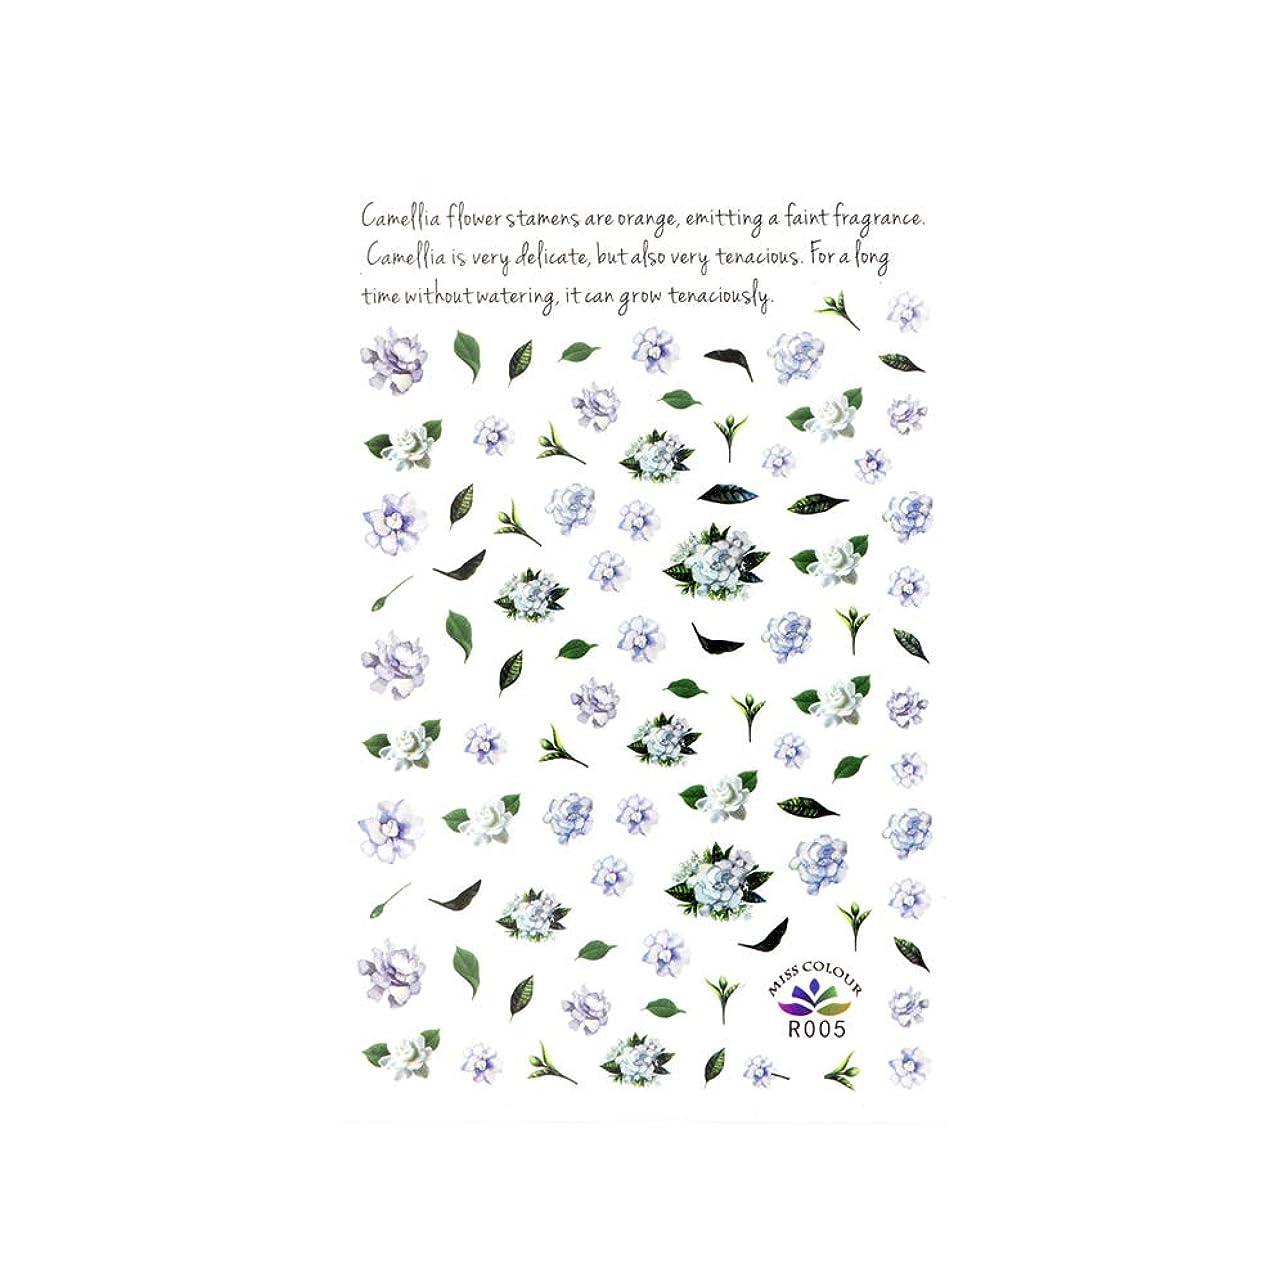 木材夕食を作るネストネイルシール ブルーローズシールフラワーネイル 花柄ネイル 春ネイル 押し花ネイル ローズネイル